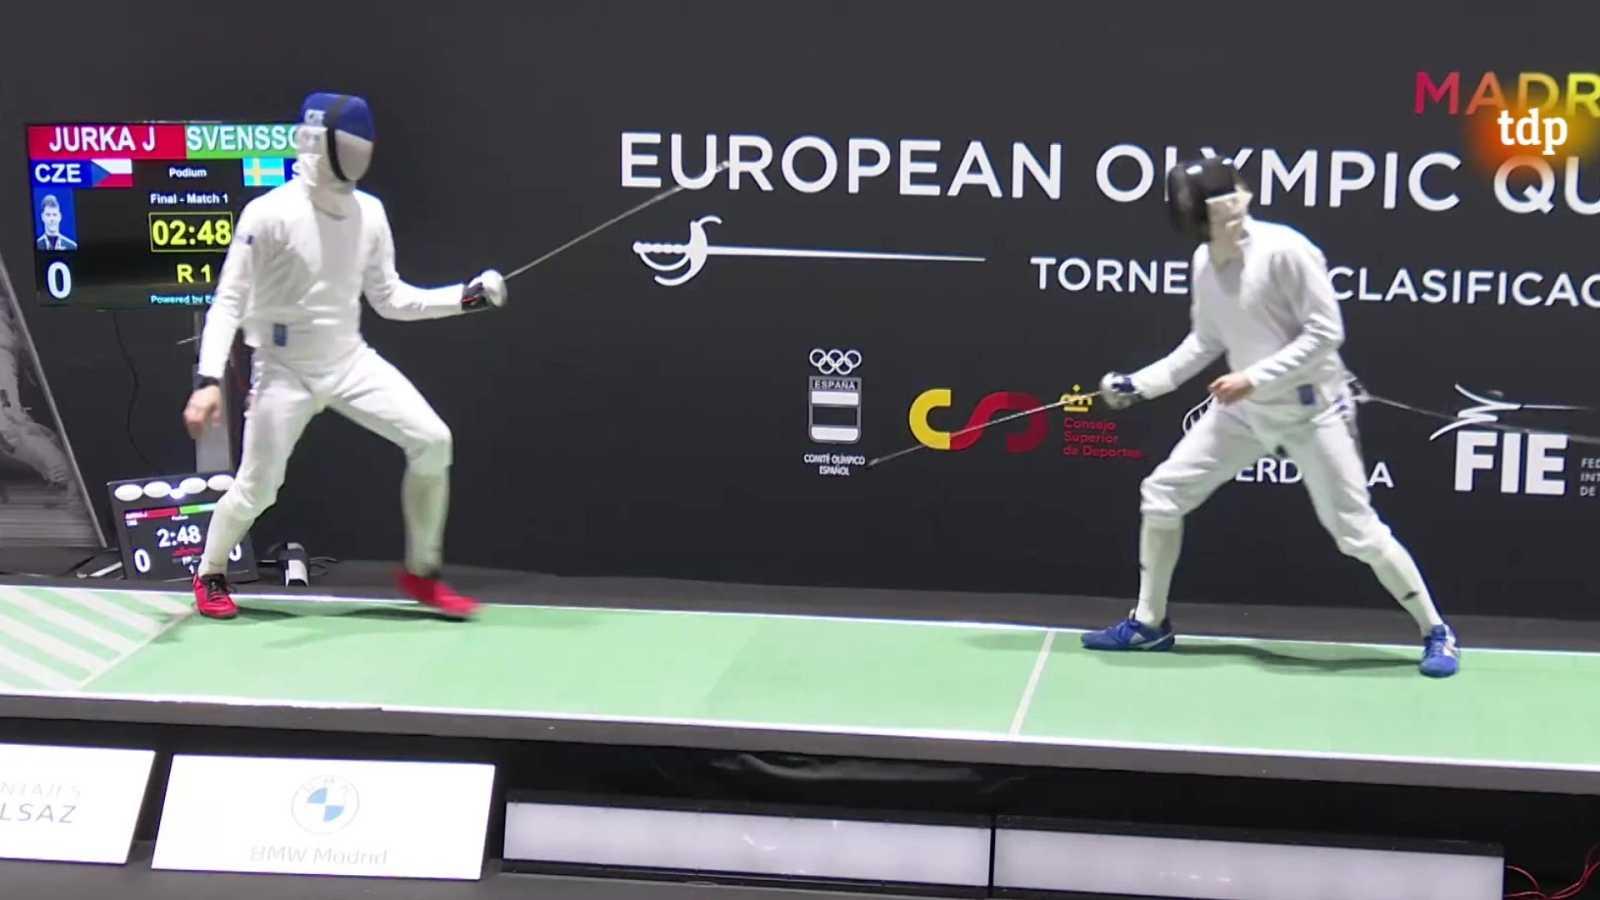 Esgrima - Torneo preolímpico. Espada masculina y florete femenino I - ver ahora